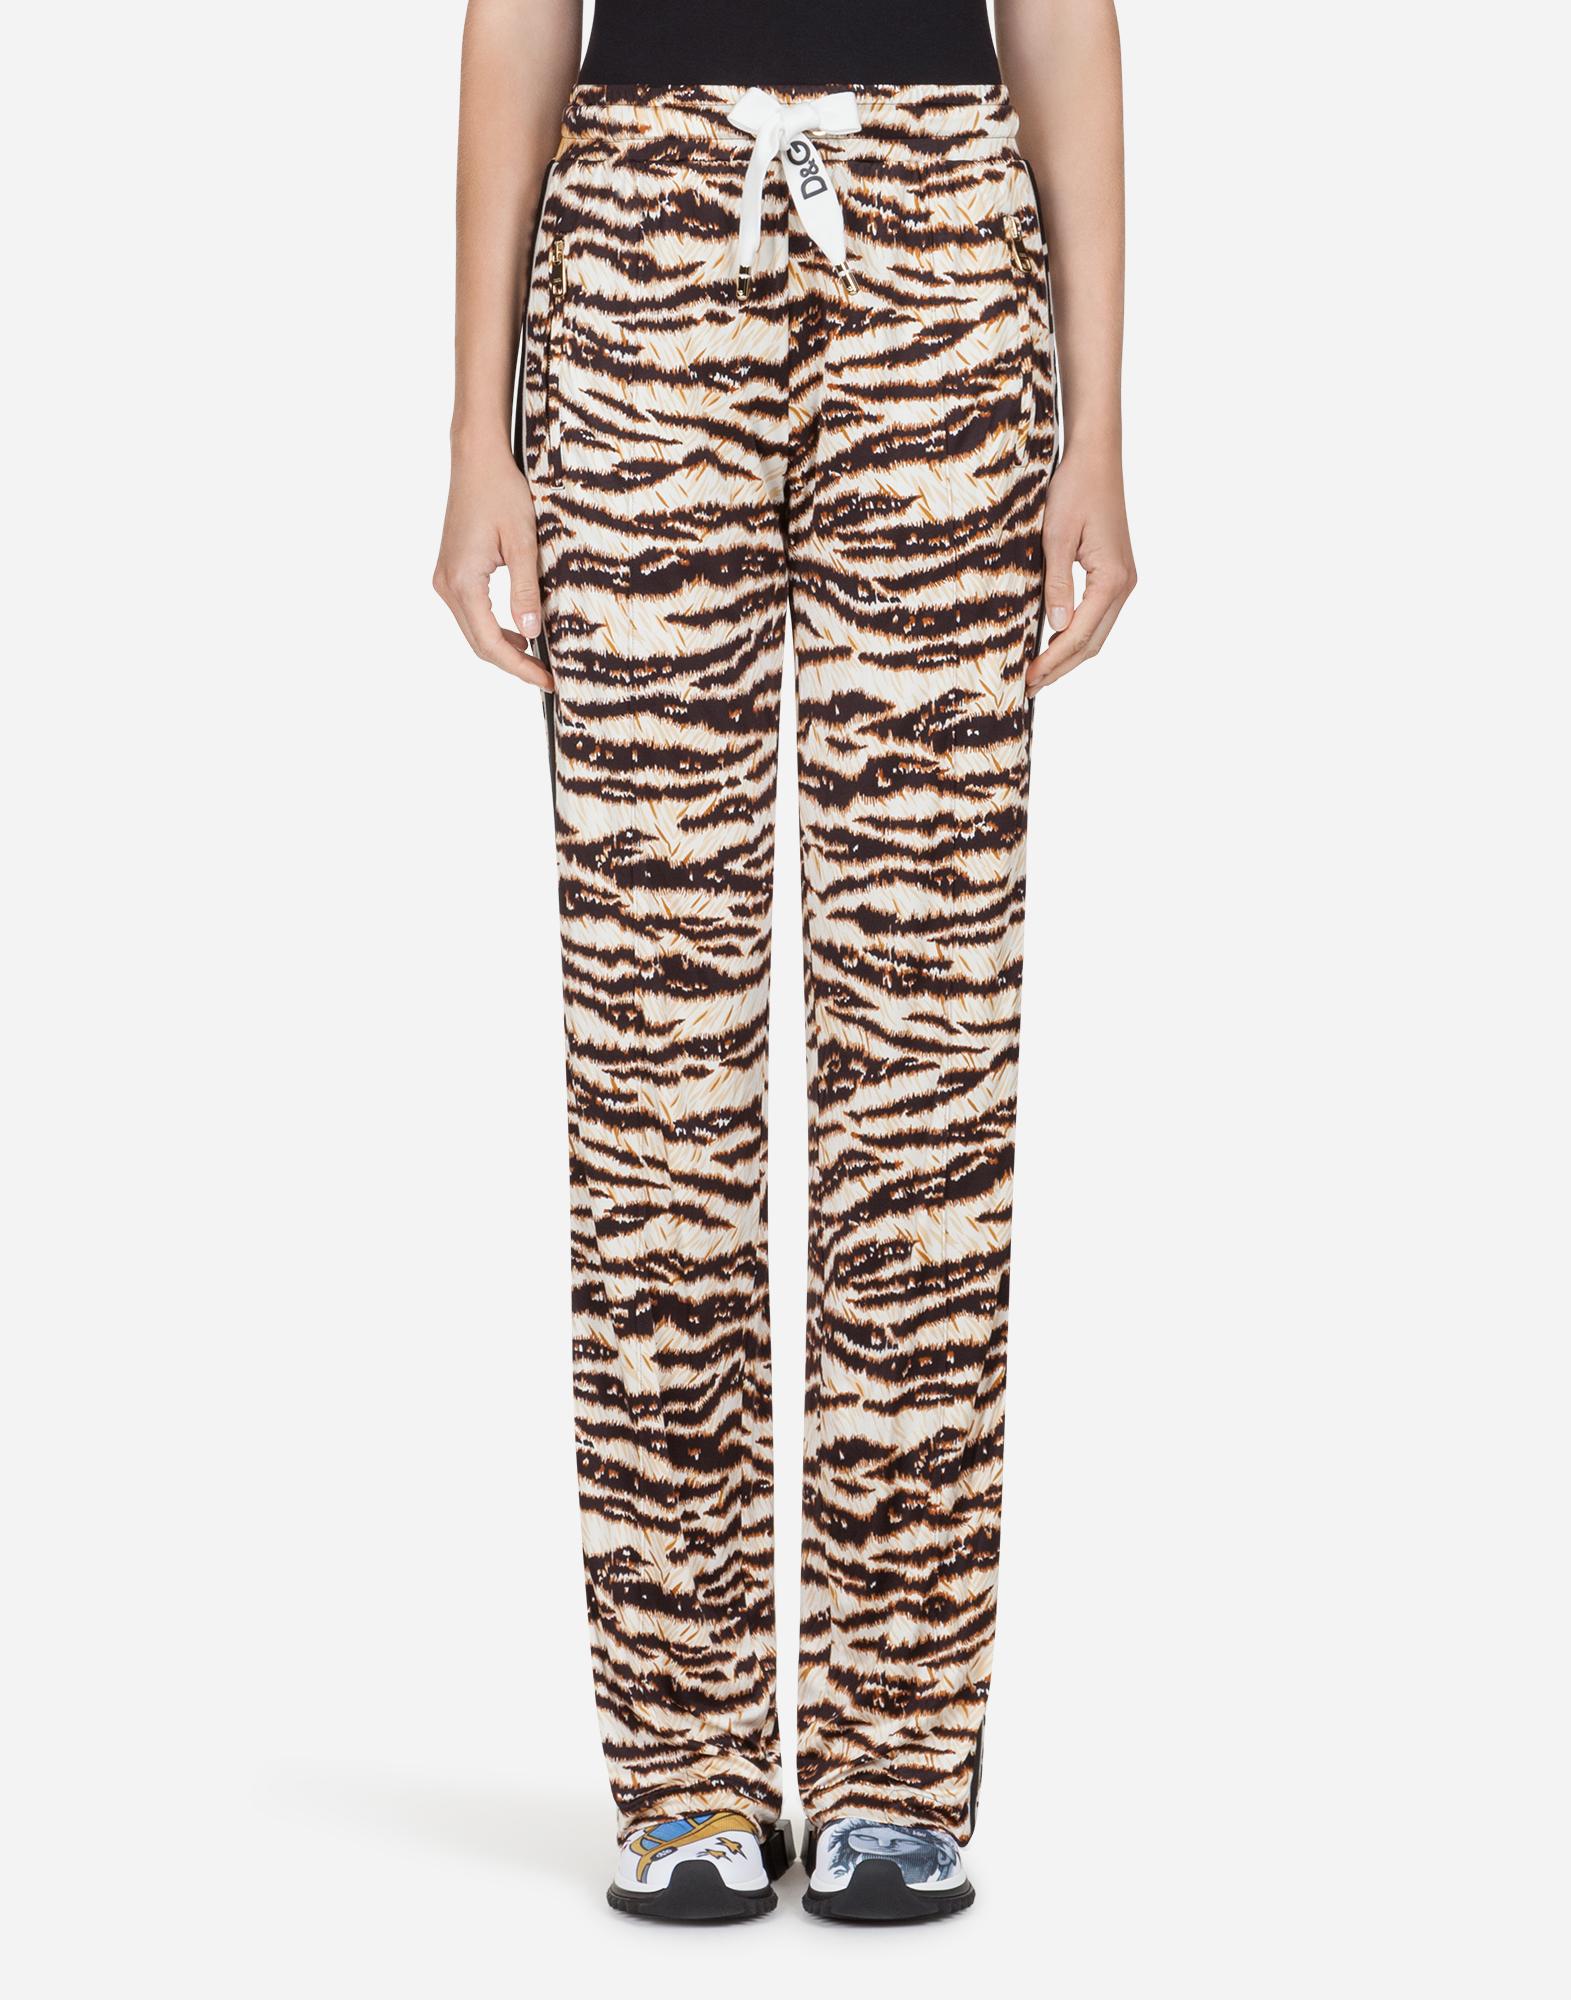 Dolce&Gabbana PRINTED VISCOSE PANTS